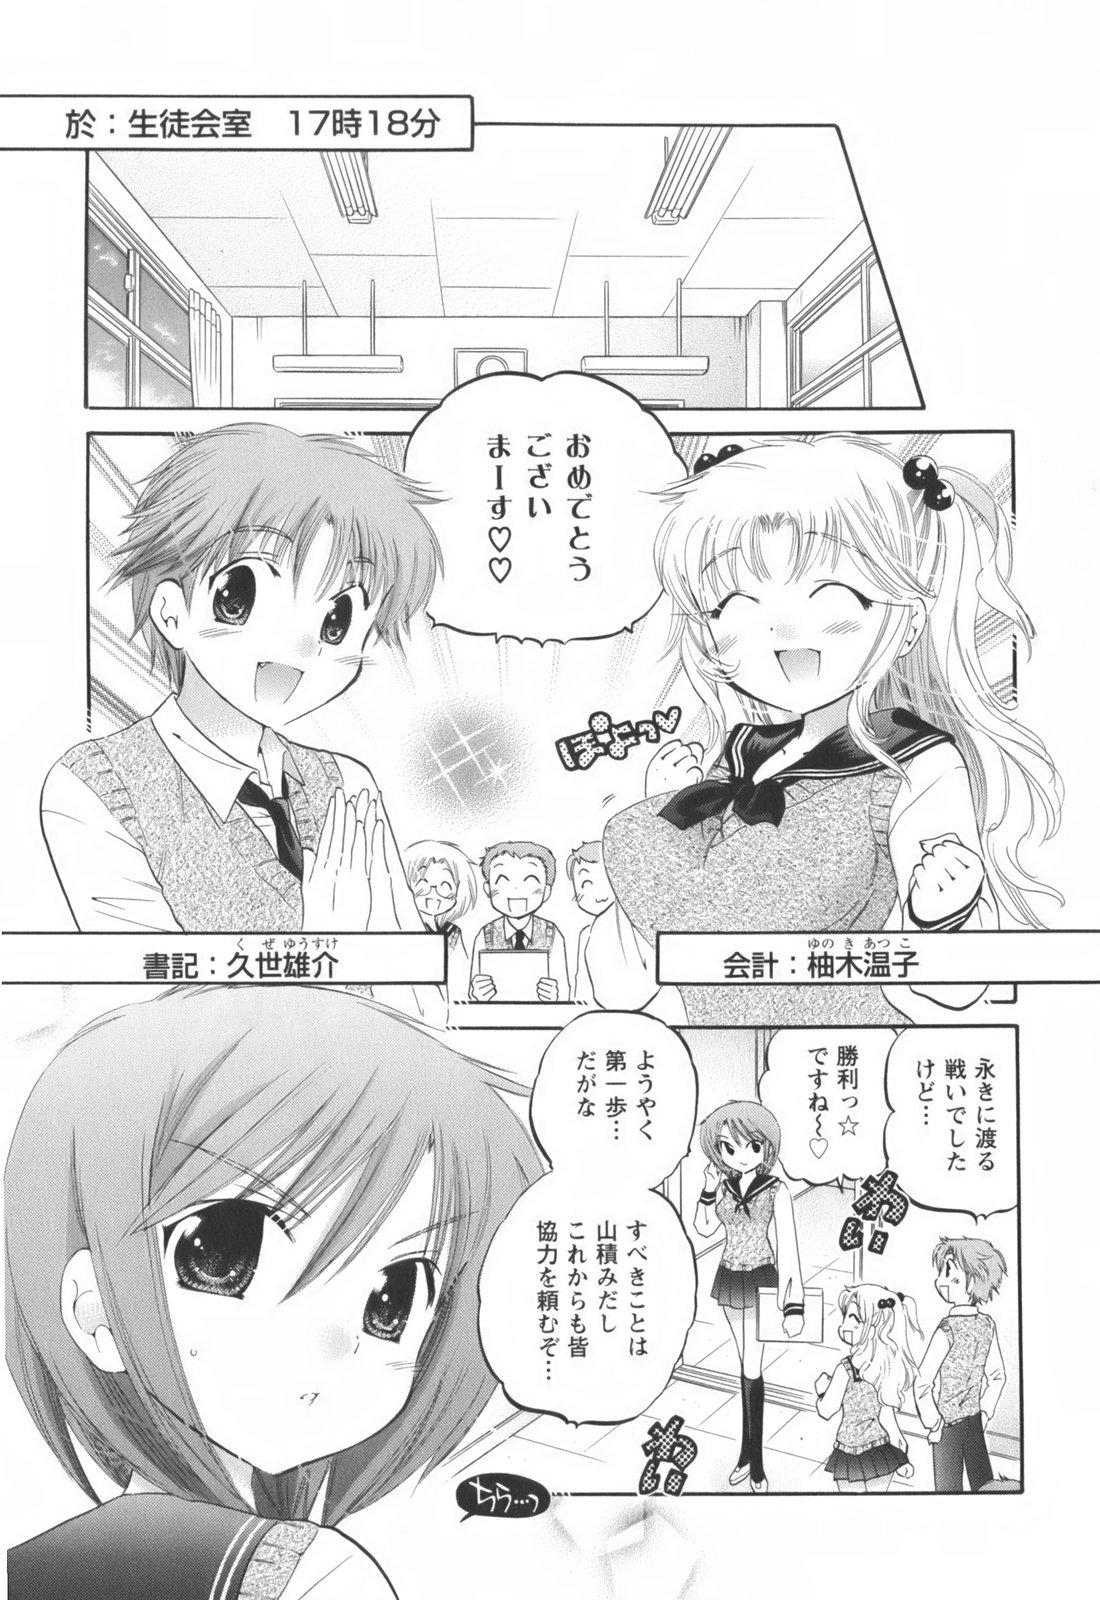 Okusama wa Seitokaichou 163